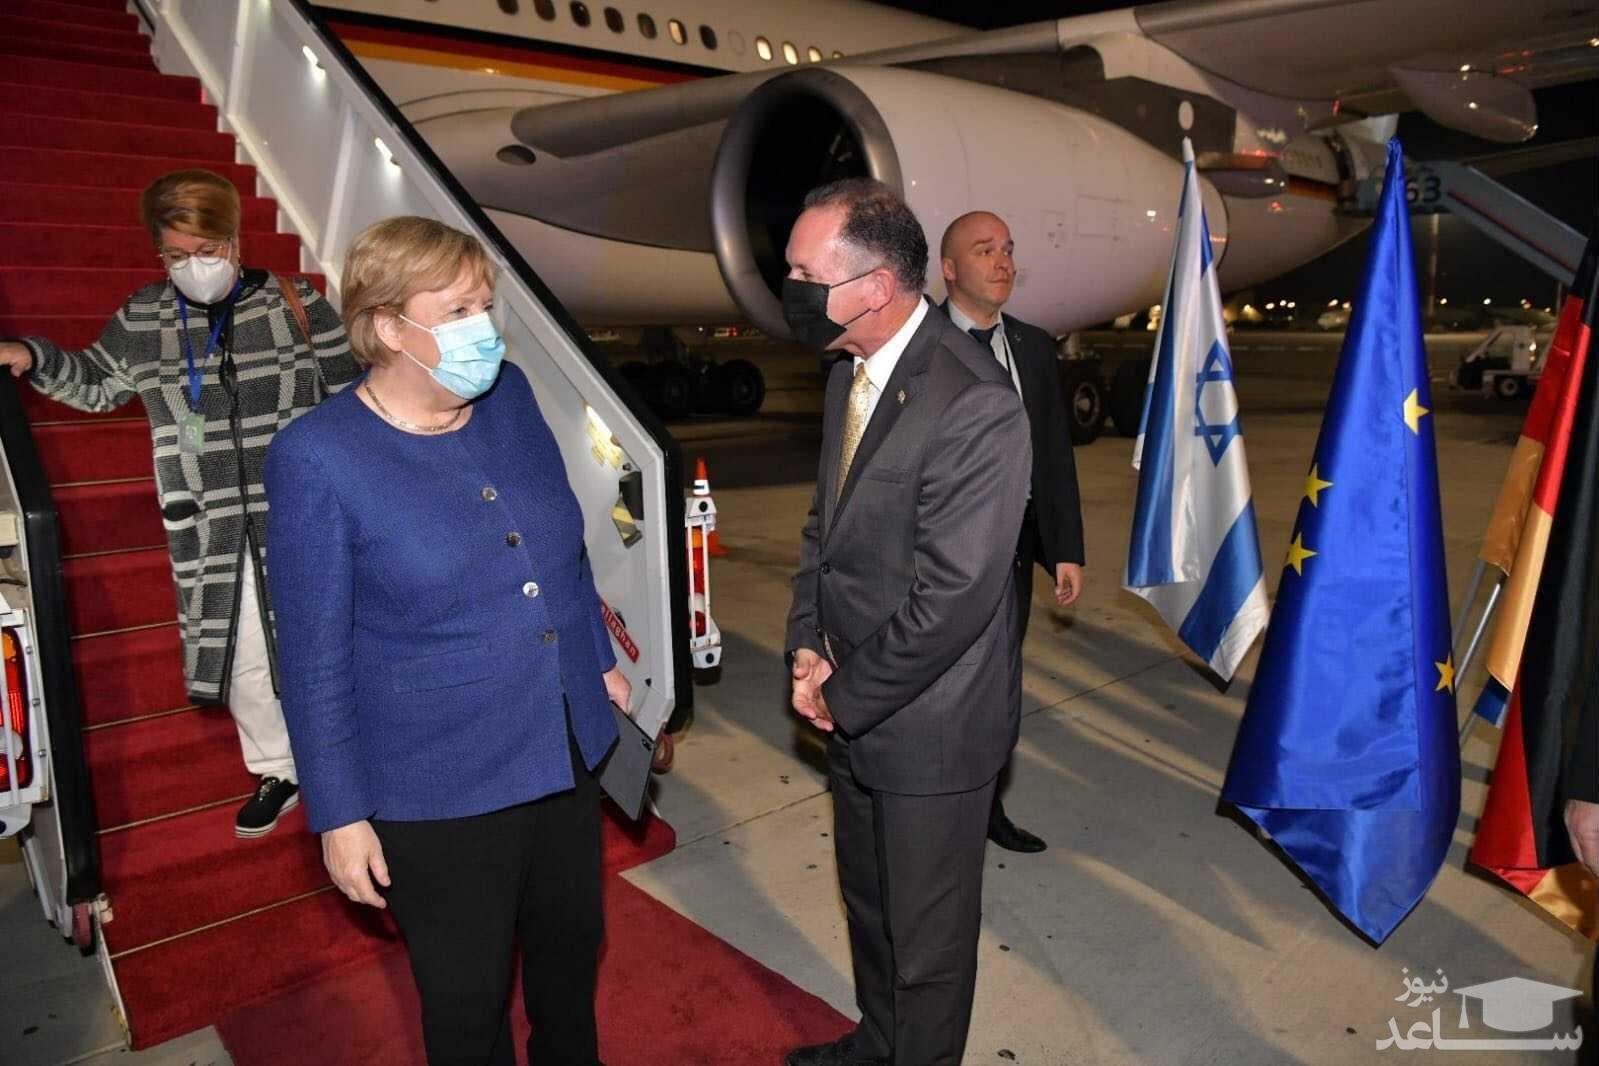 سفر صدراعظم آلمان به اسراییل در واپسین روزهای صدارت اعظمی/ تایمز اسراییل